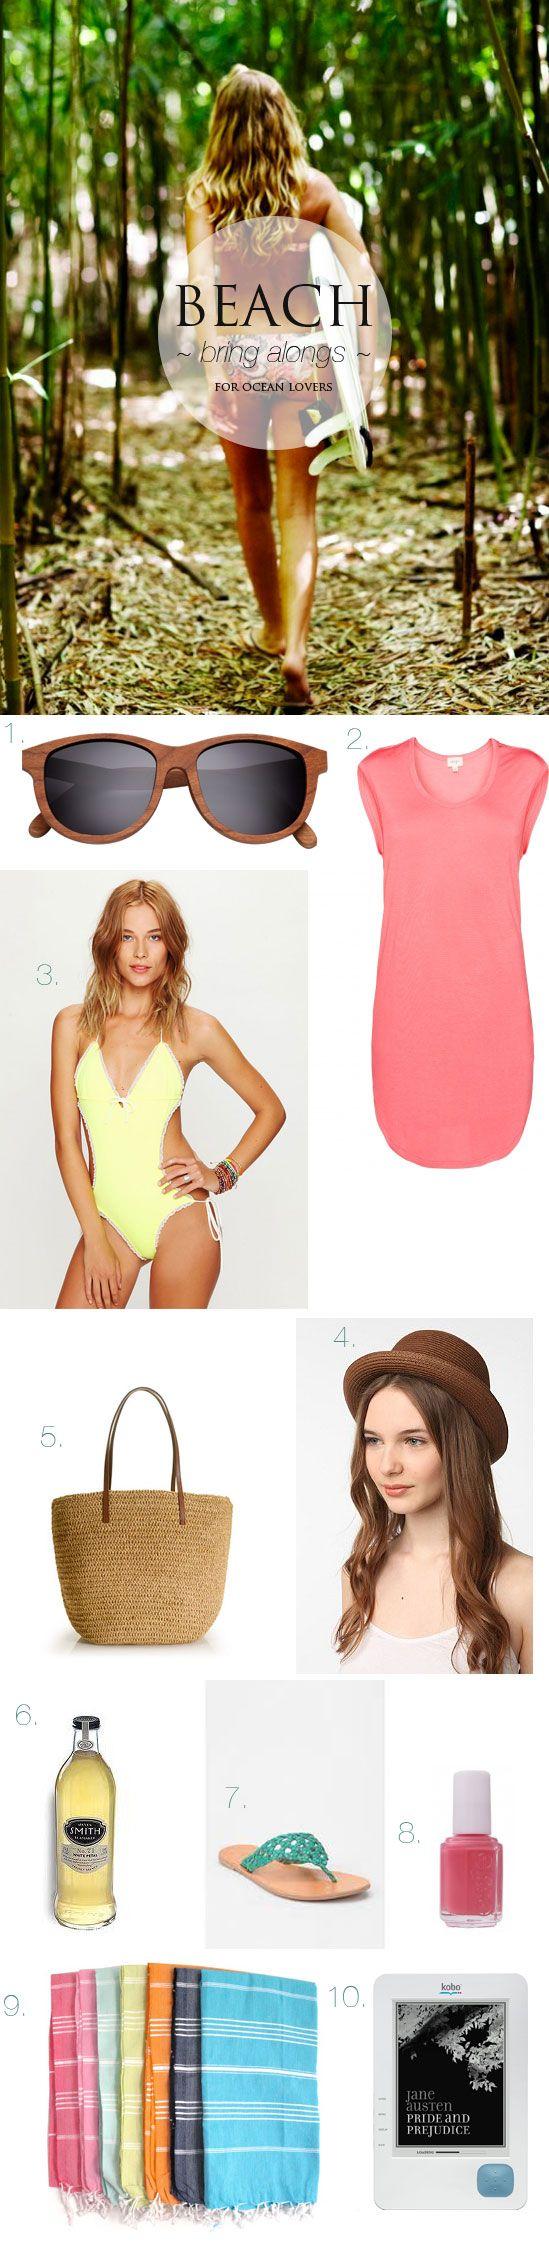 beach bring alongs!Summa Lovin, Beach Jpg 549 2243, L Eau Surf, Latte Lovers, Summer Requirements, Beach Bring